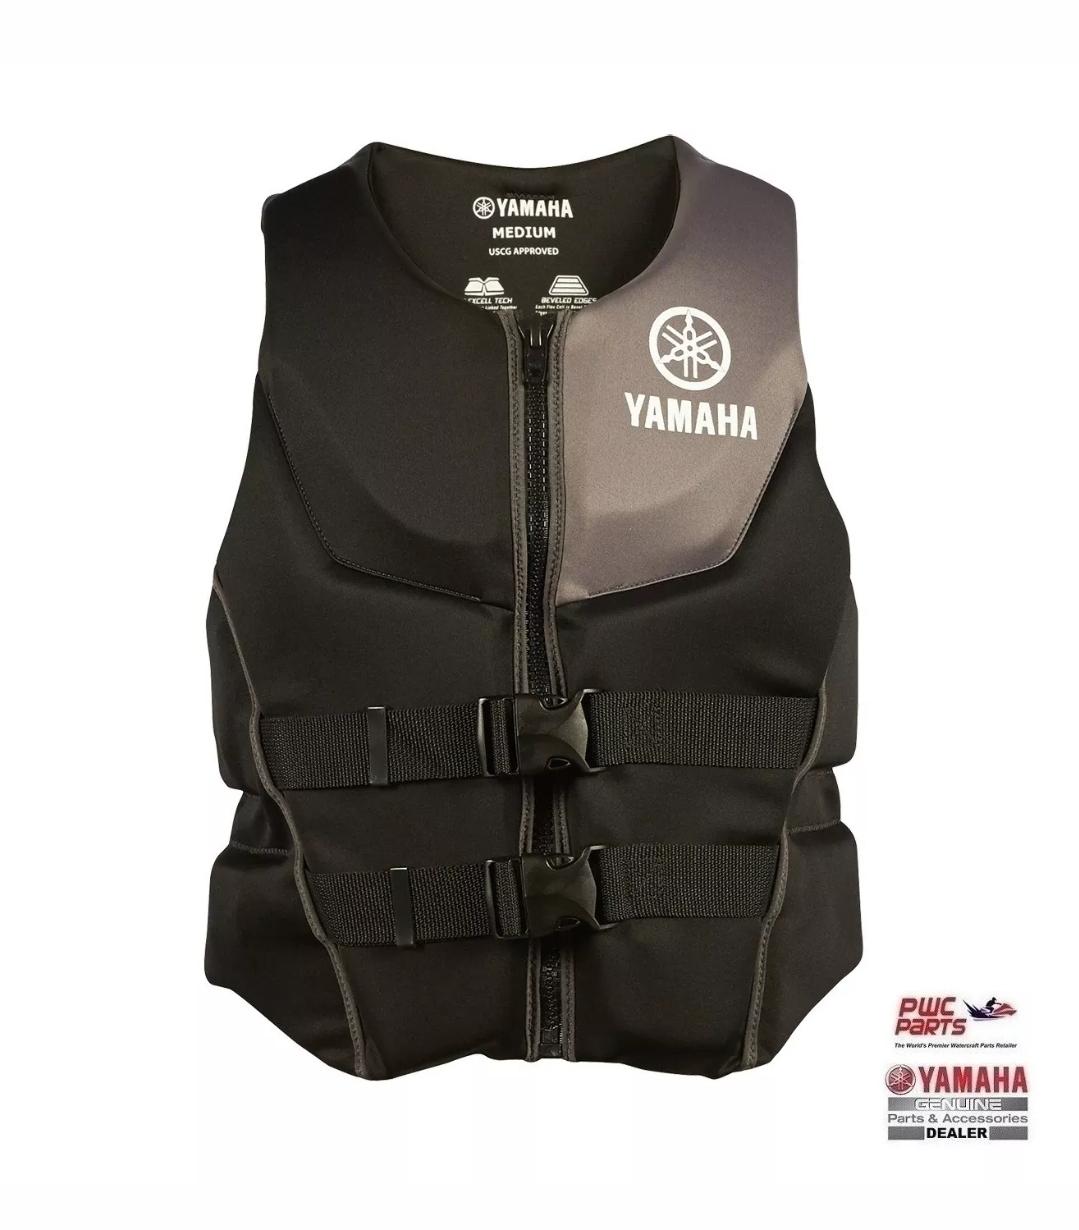 חגורת הצלה מקצועית YAMAHA קלת משקל עשויה ניאופרן ריצרץ ו 2 אבזמים מידה XXXL